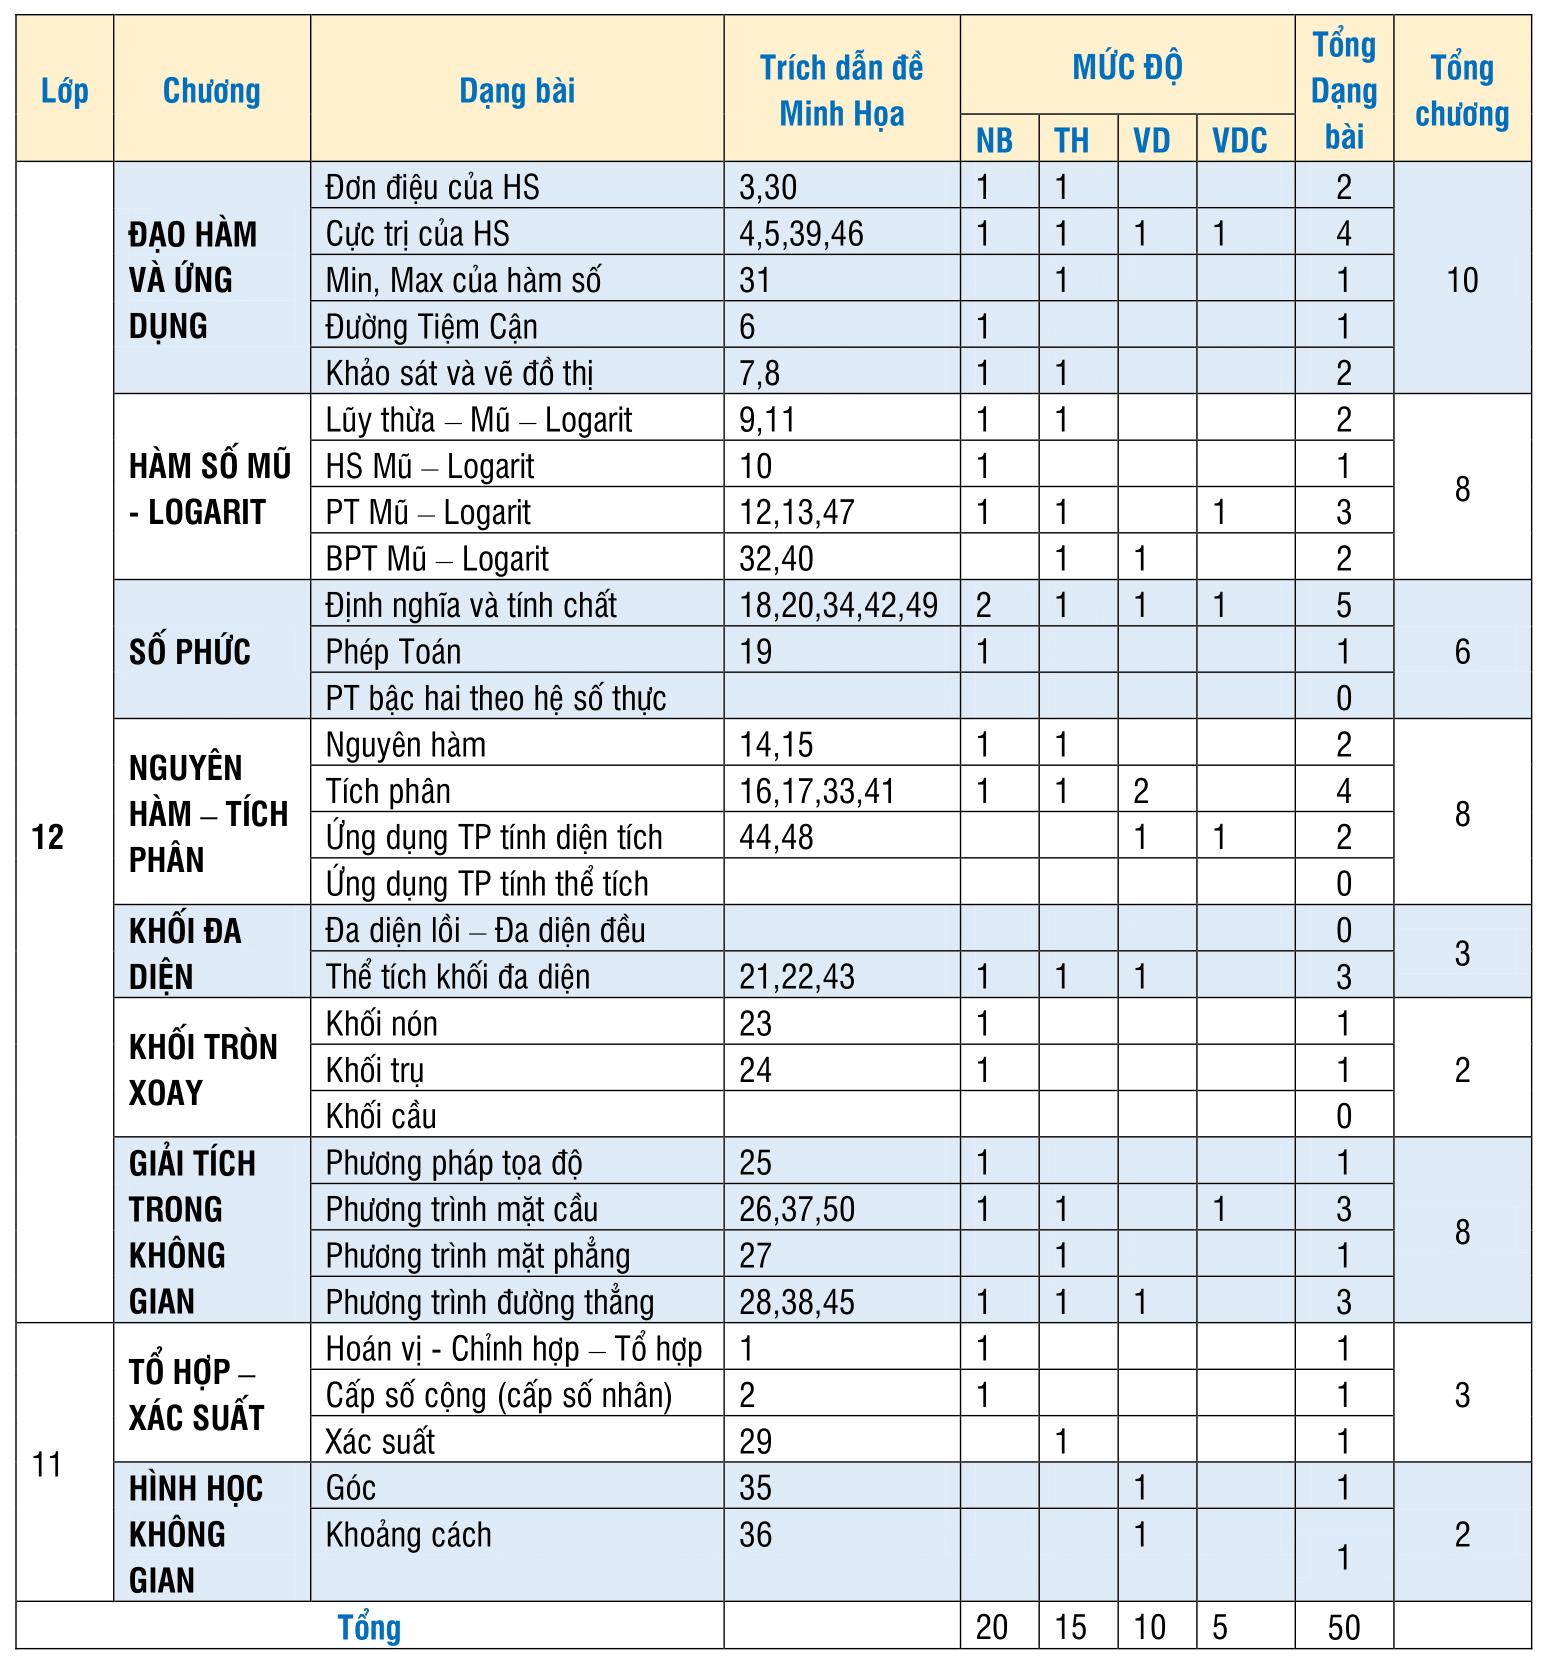 Cấu trúc đề thi môn toán kỳ thi THPT QUốc gia 2021